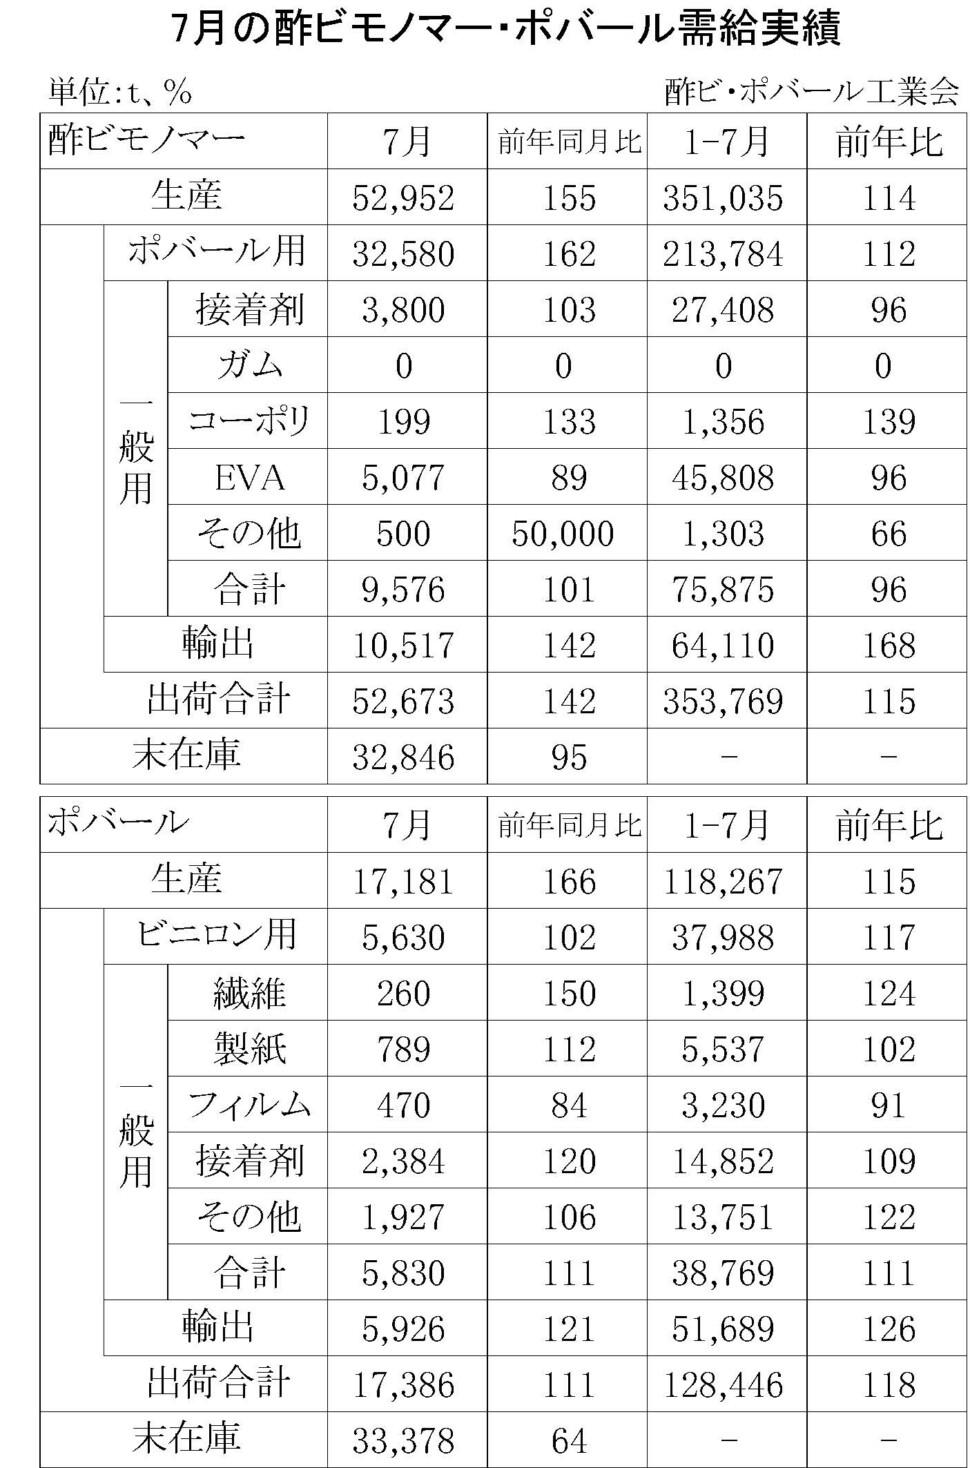 7月酢ビモノマー・ポバール需給実績